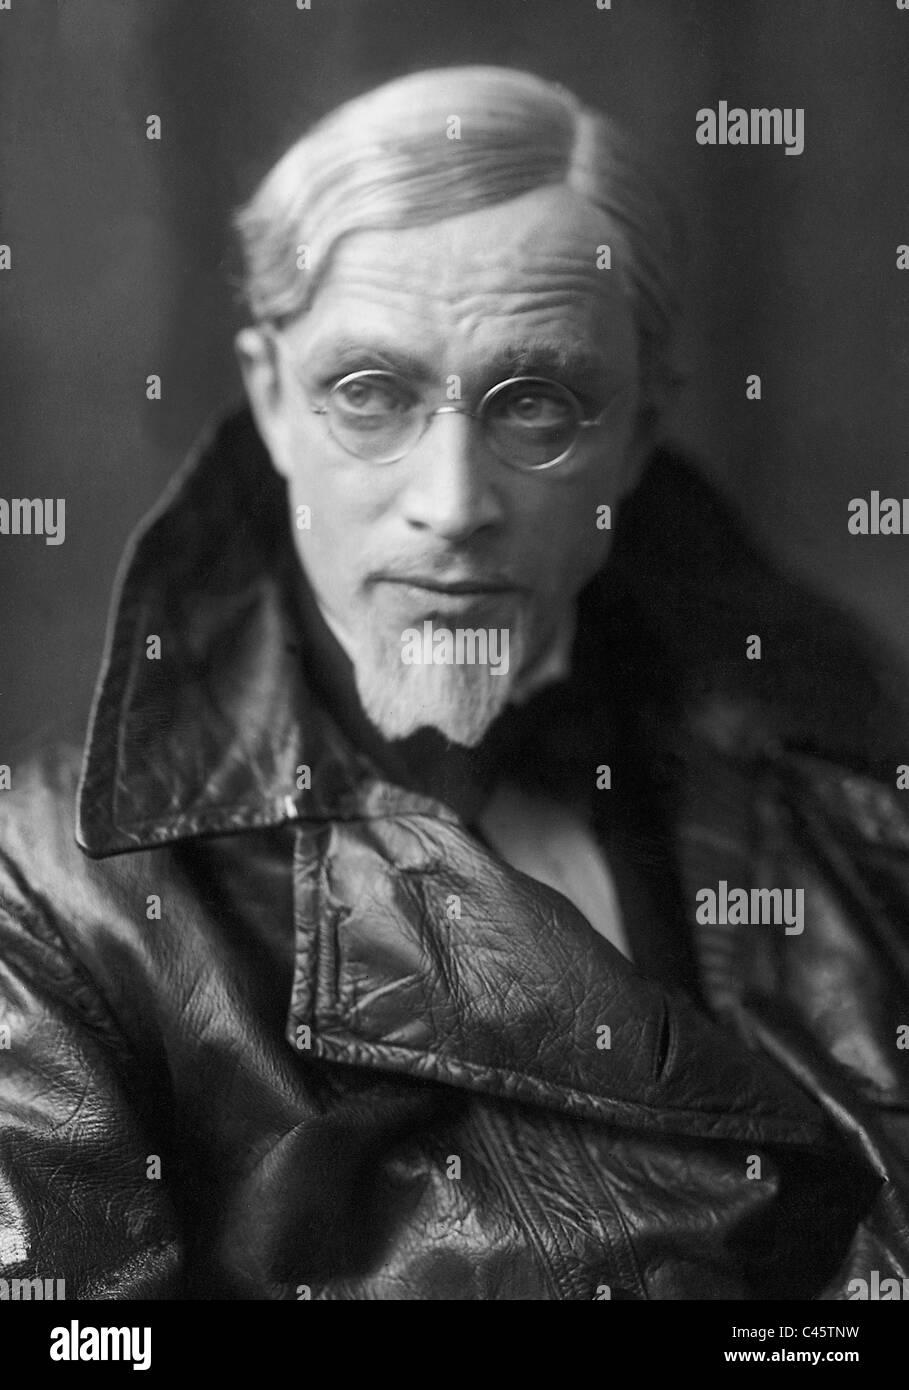 Conrad Veidt as gwynplaine